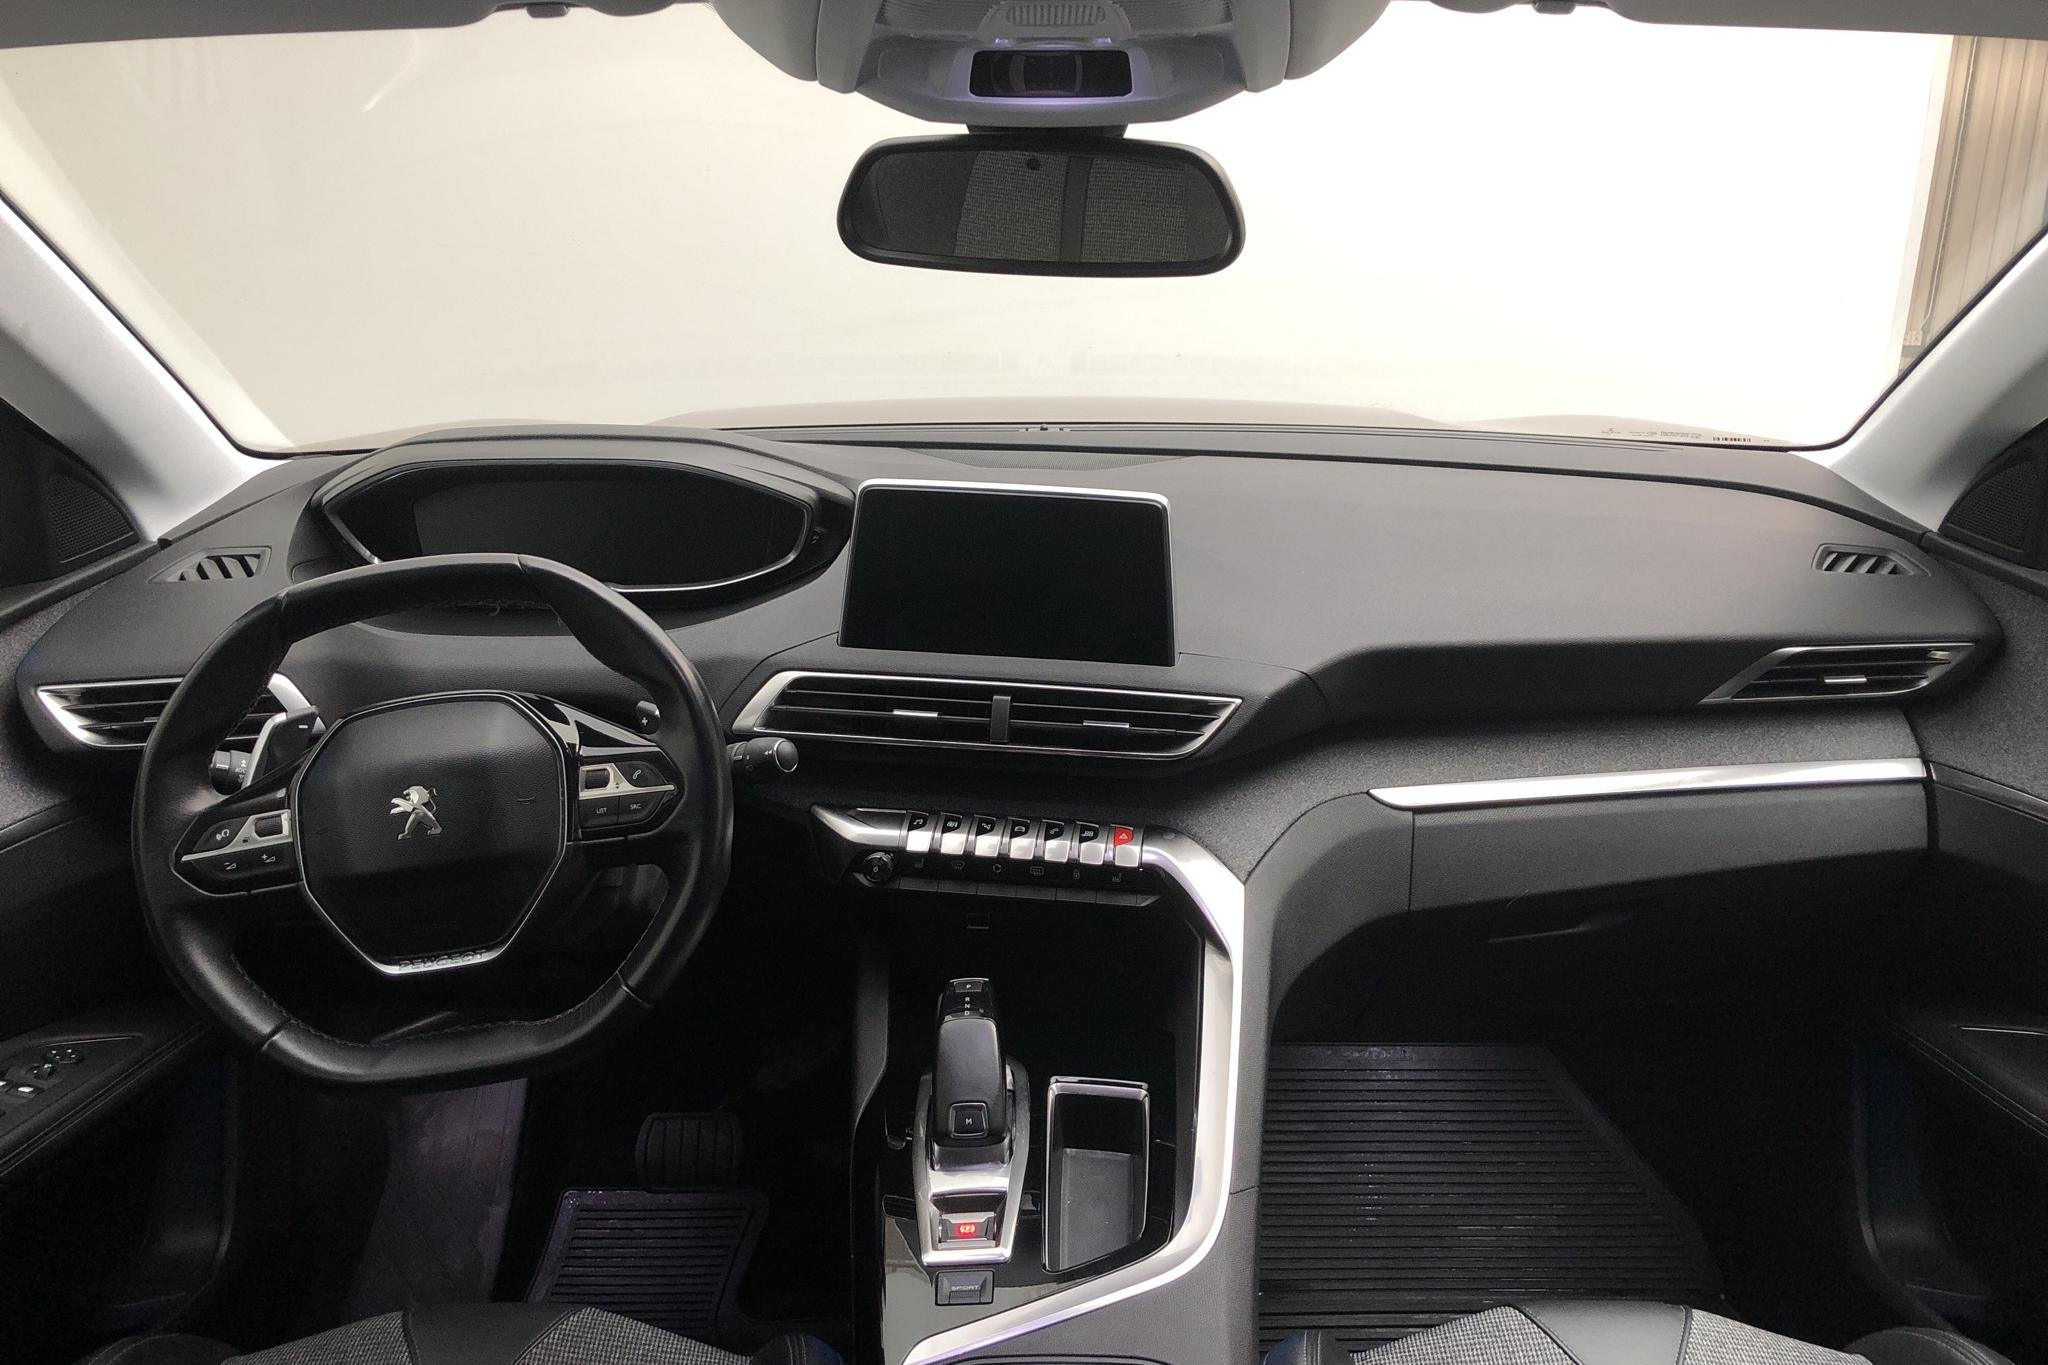 Peugeot 3008 1.2 PureTech (130hk) - 57 670 km - Automatic - 2018